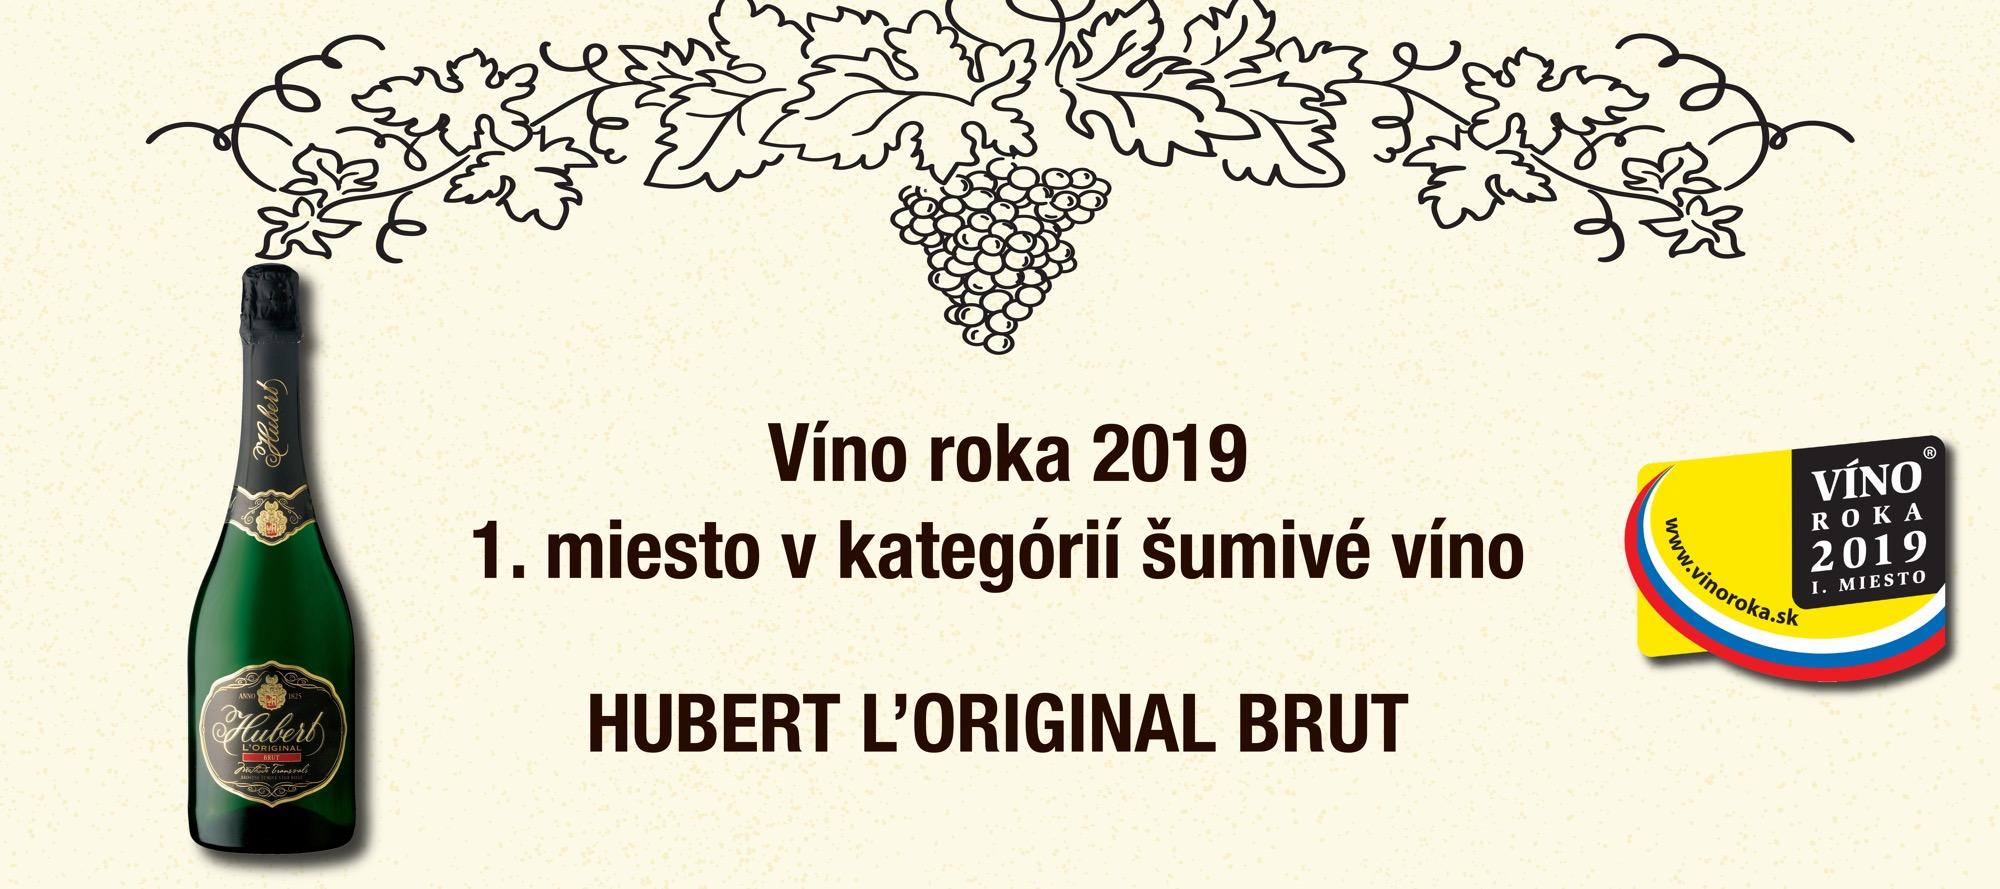 Hubert L'Original Brut – Víno roka 2019